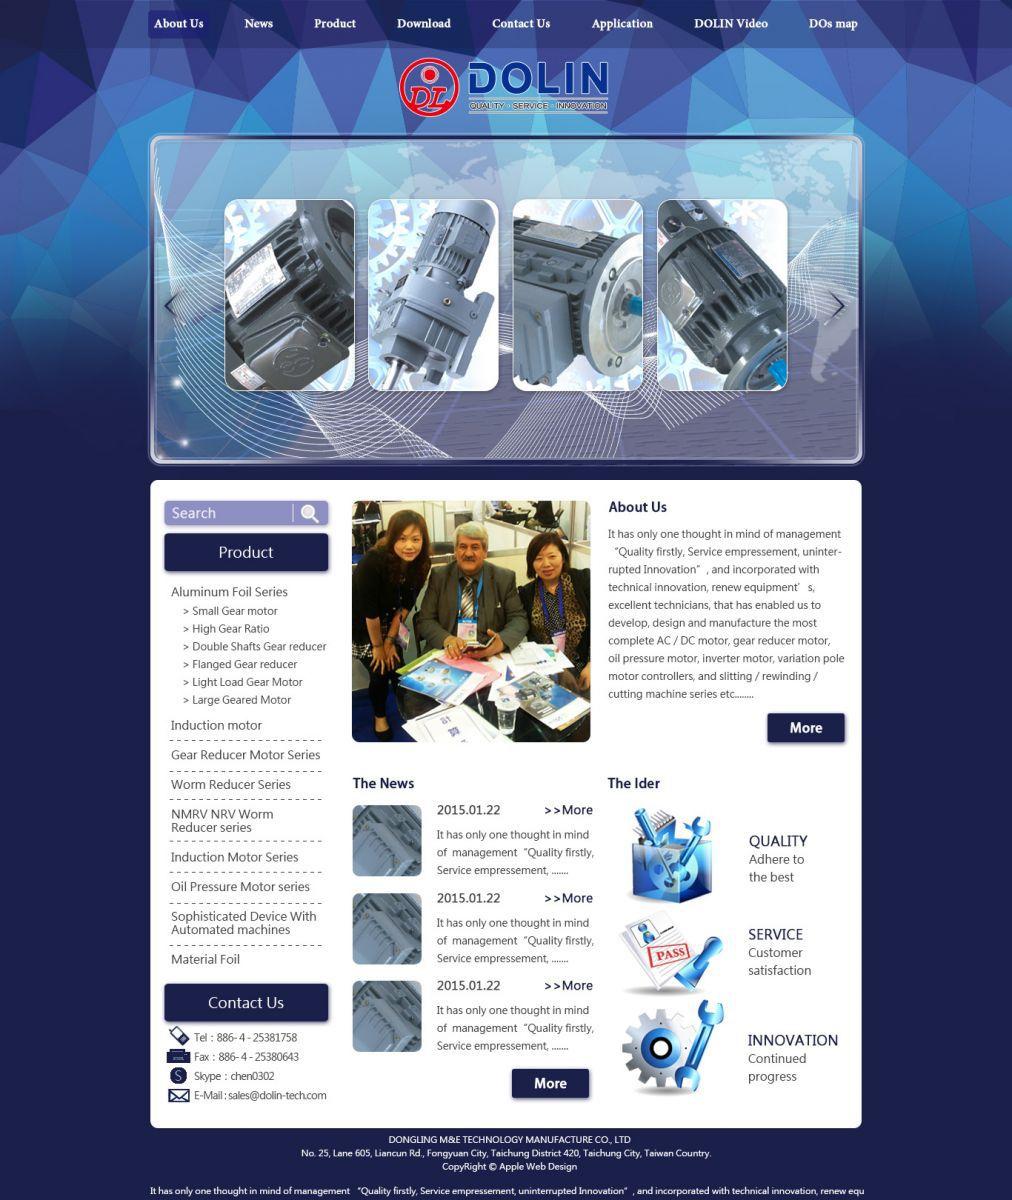 東菱機電科技製造有限公司